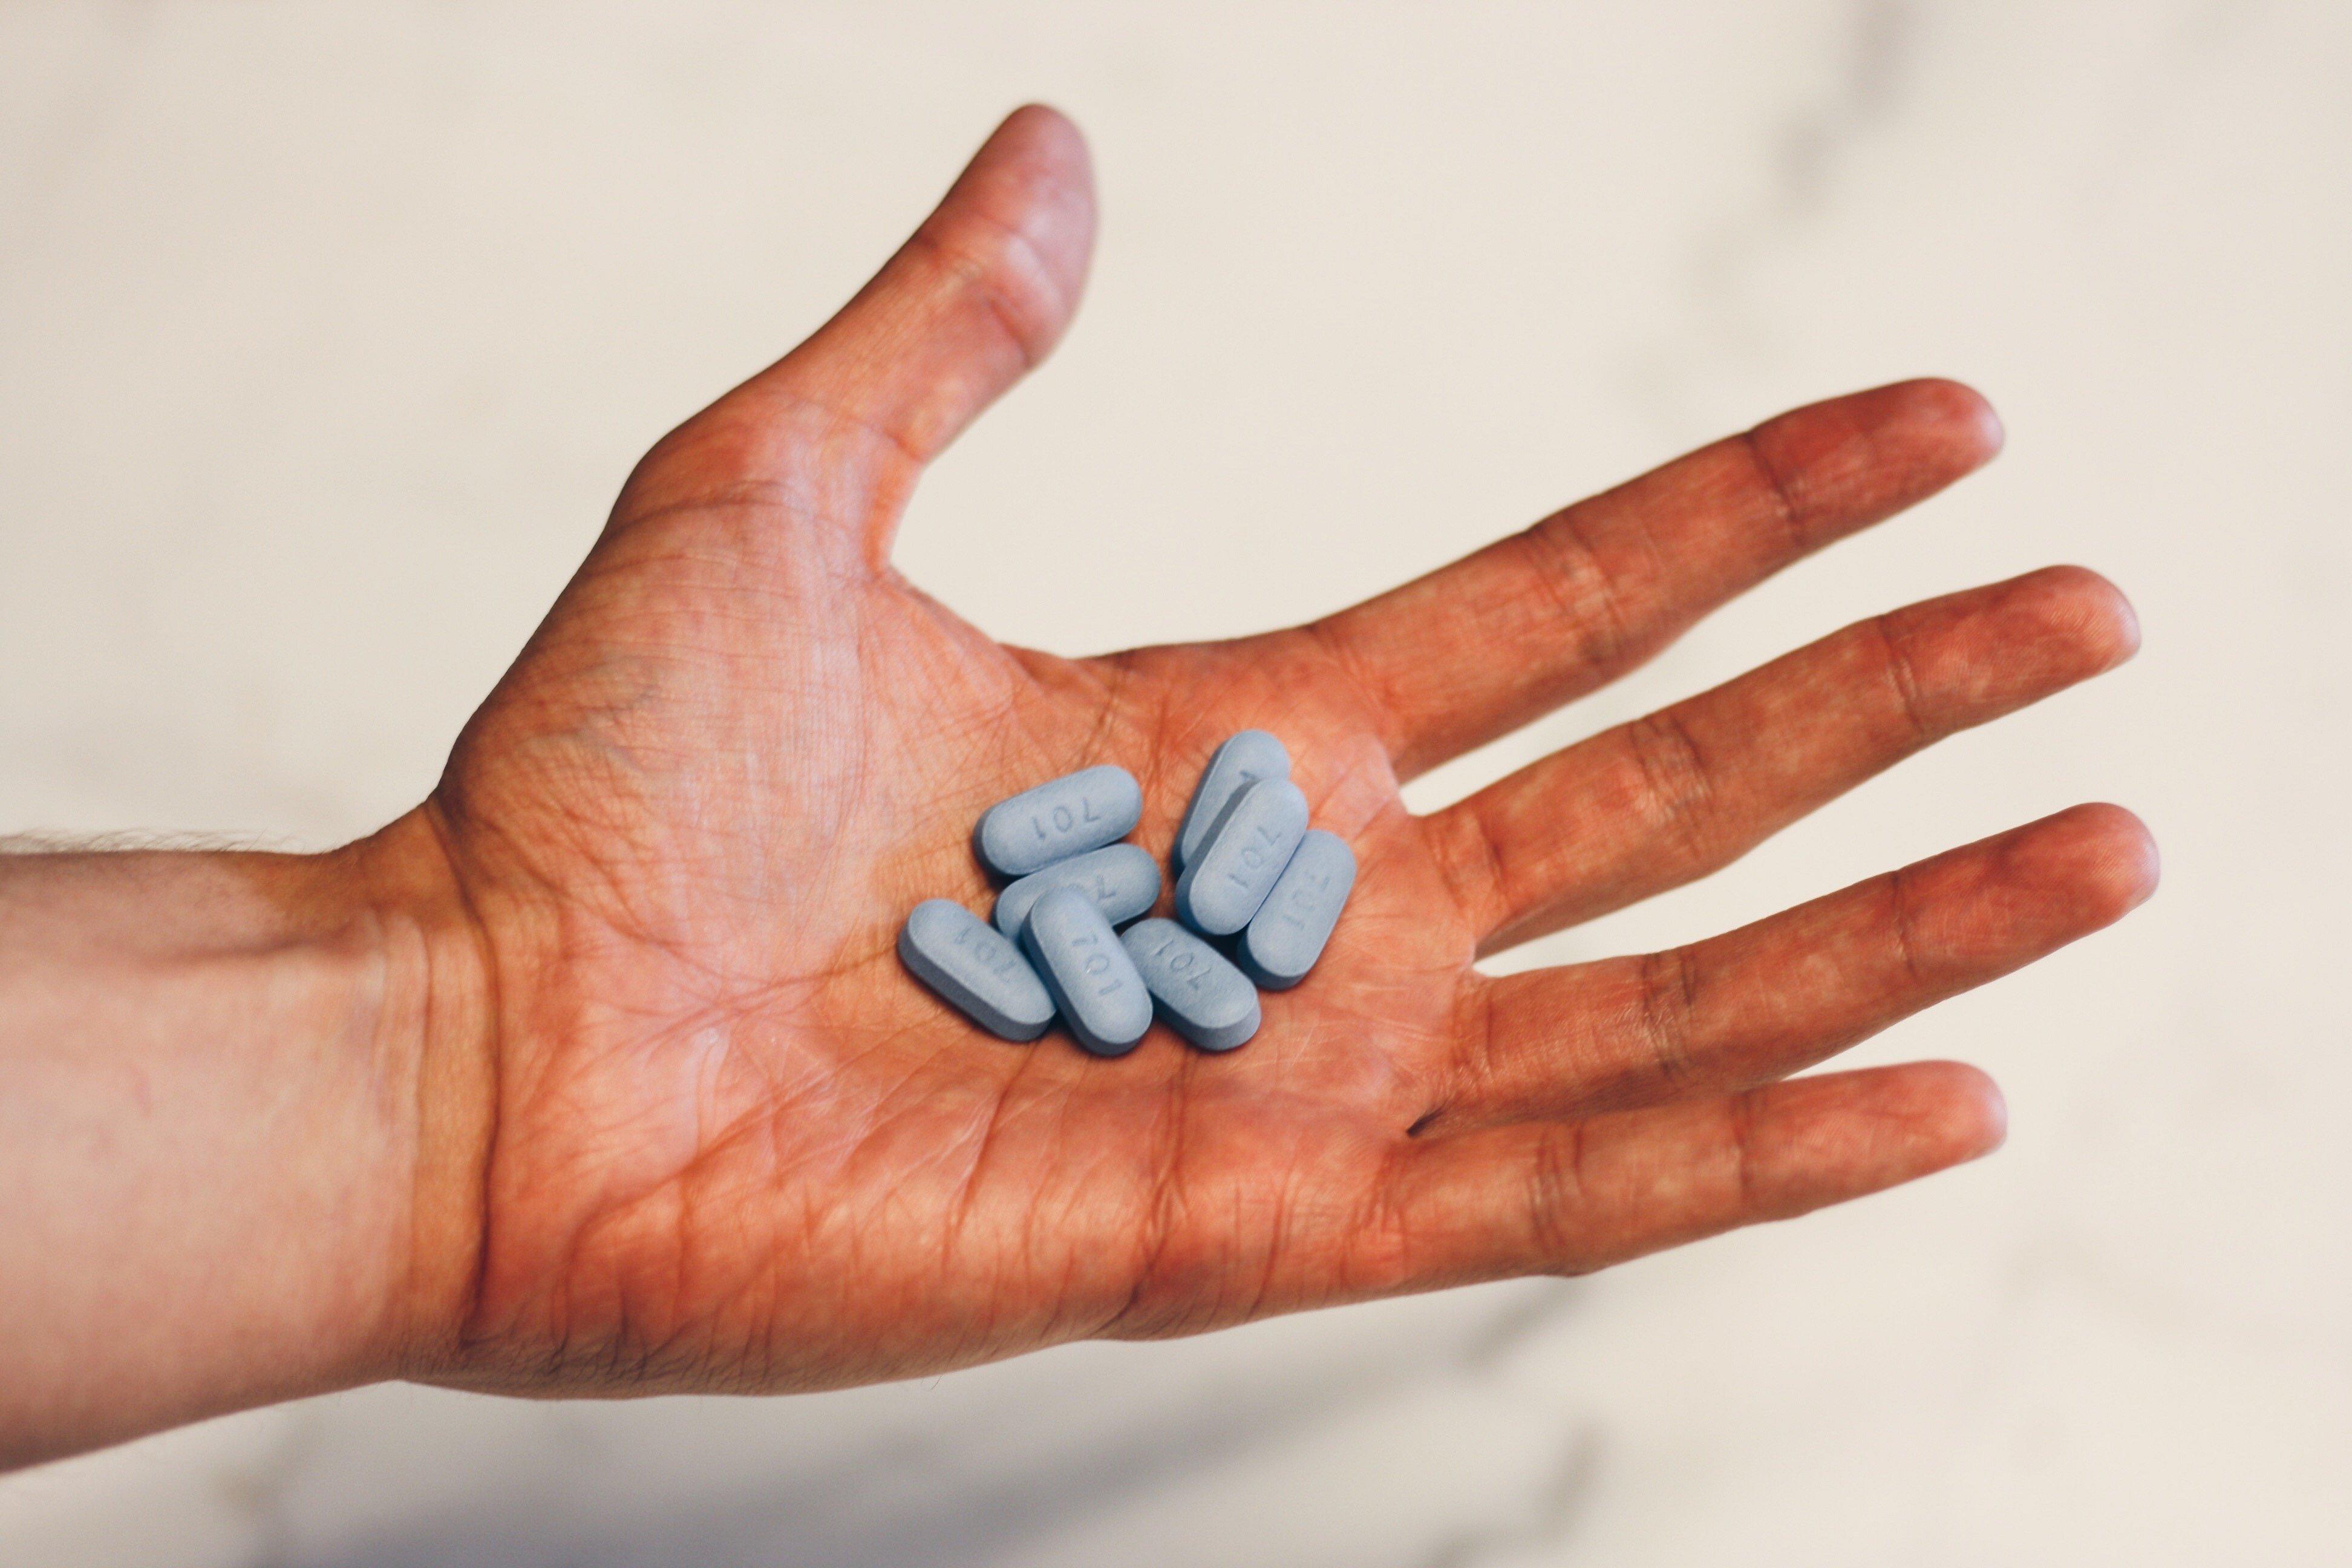 Onderzoekers doen onderzoek naar wekelijkse PrEP-pil